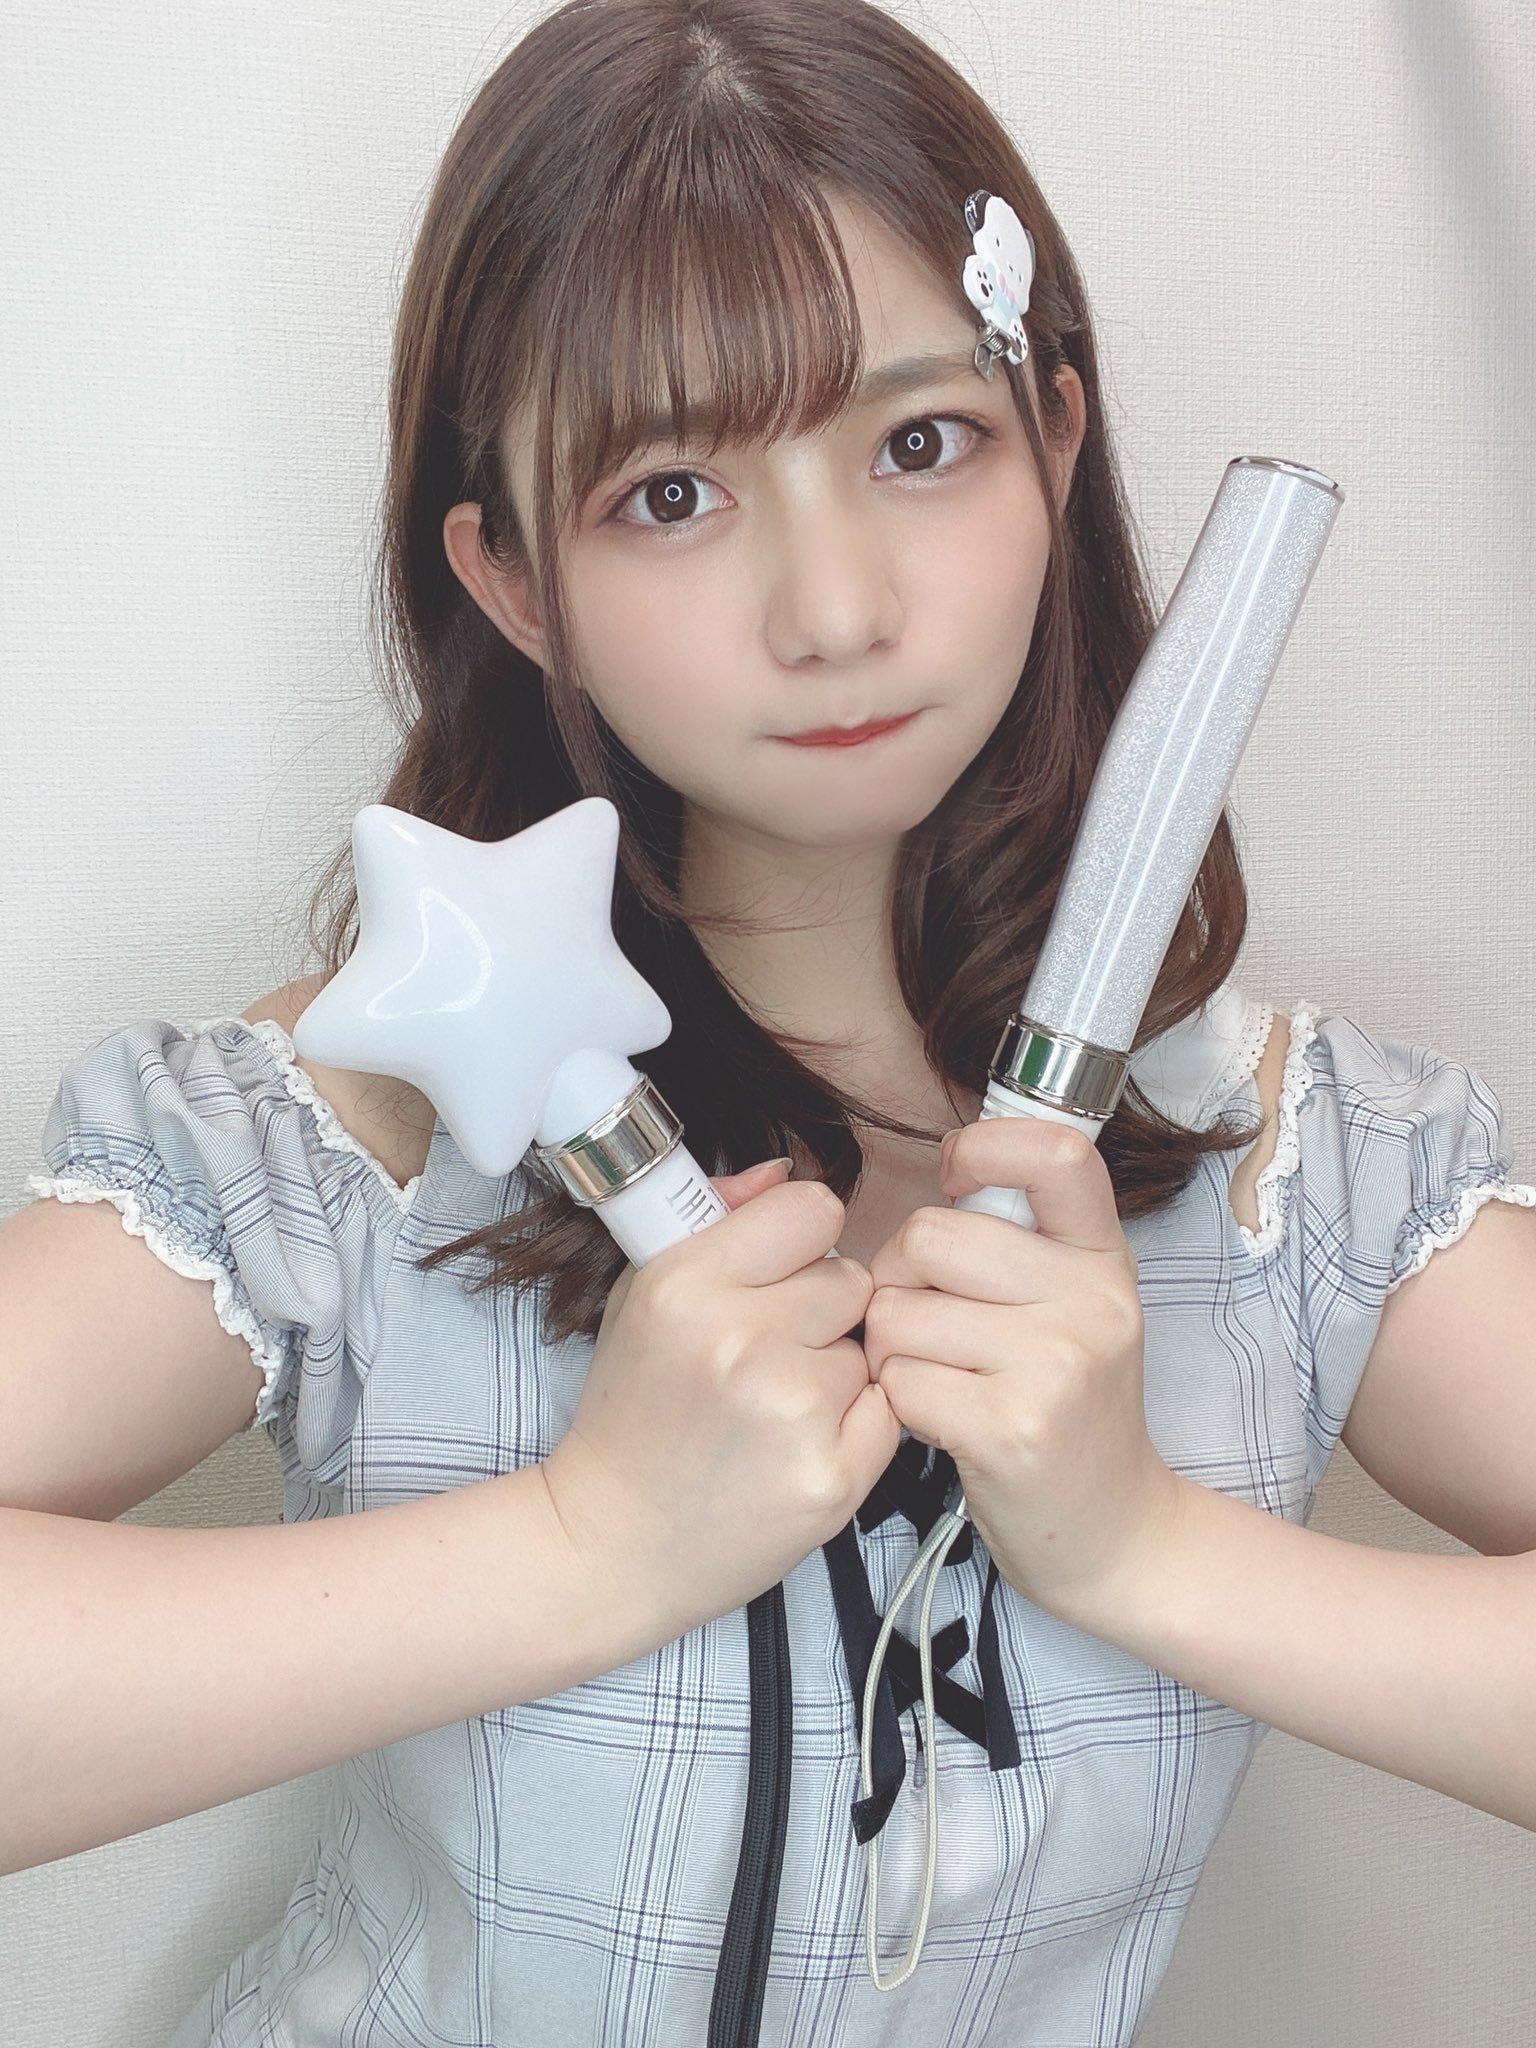 pon_chan216 1266694393831886853_p1